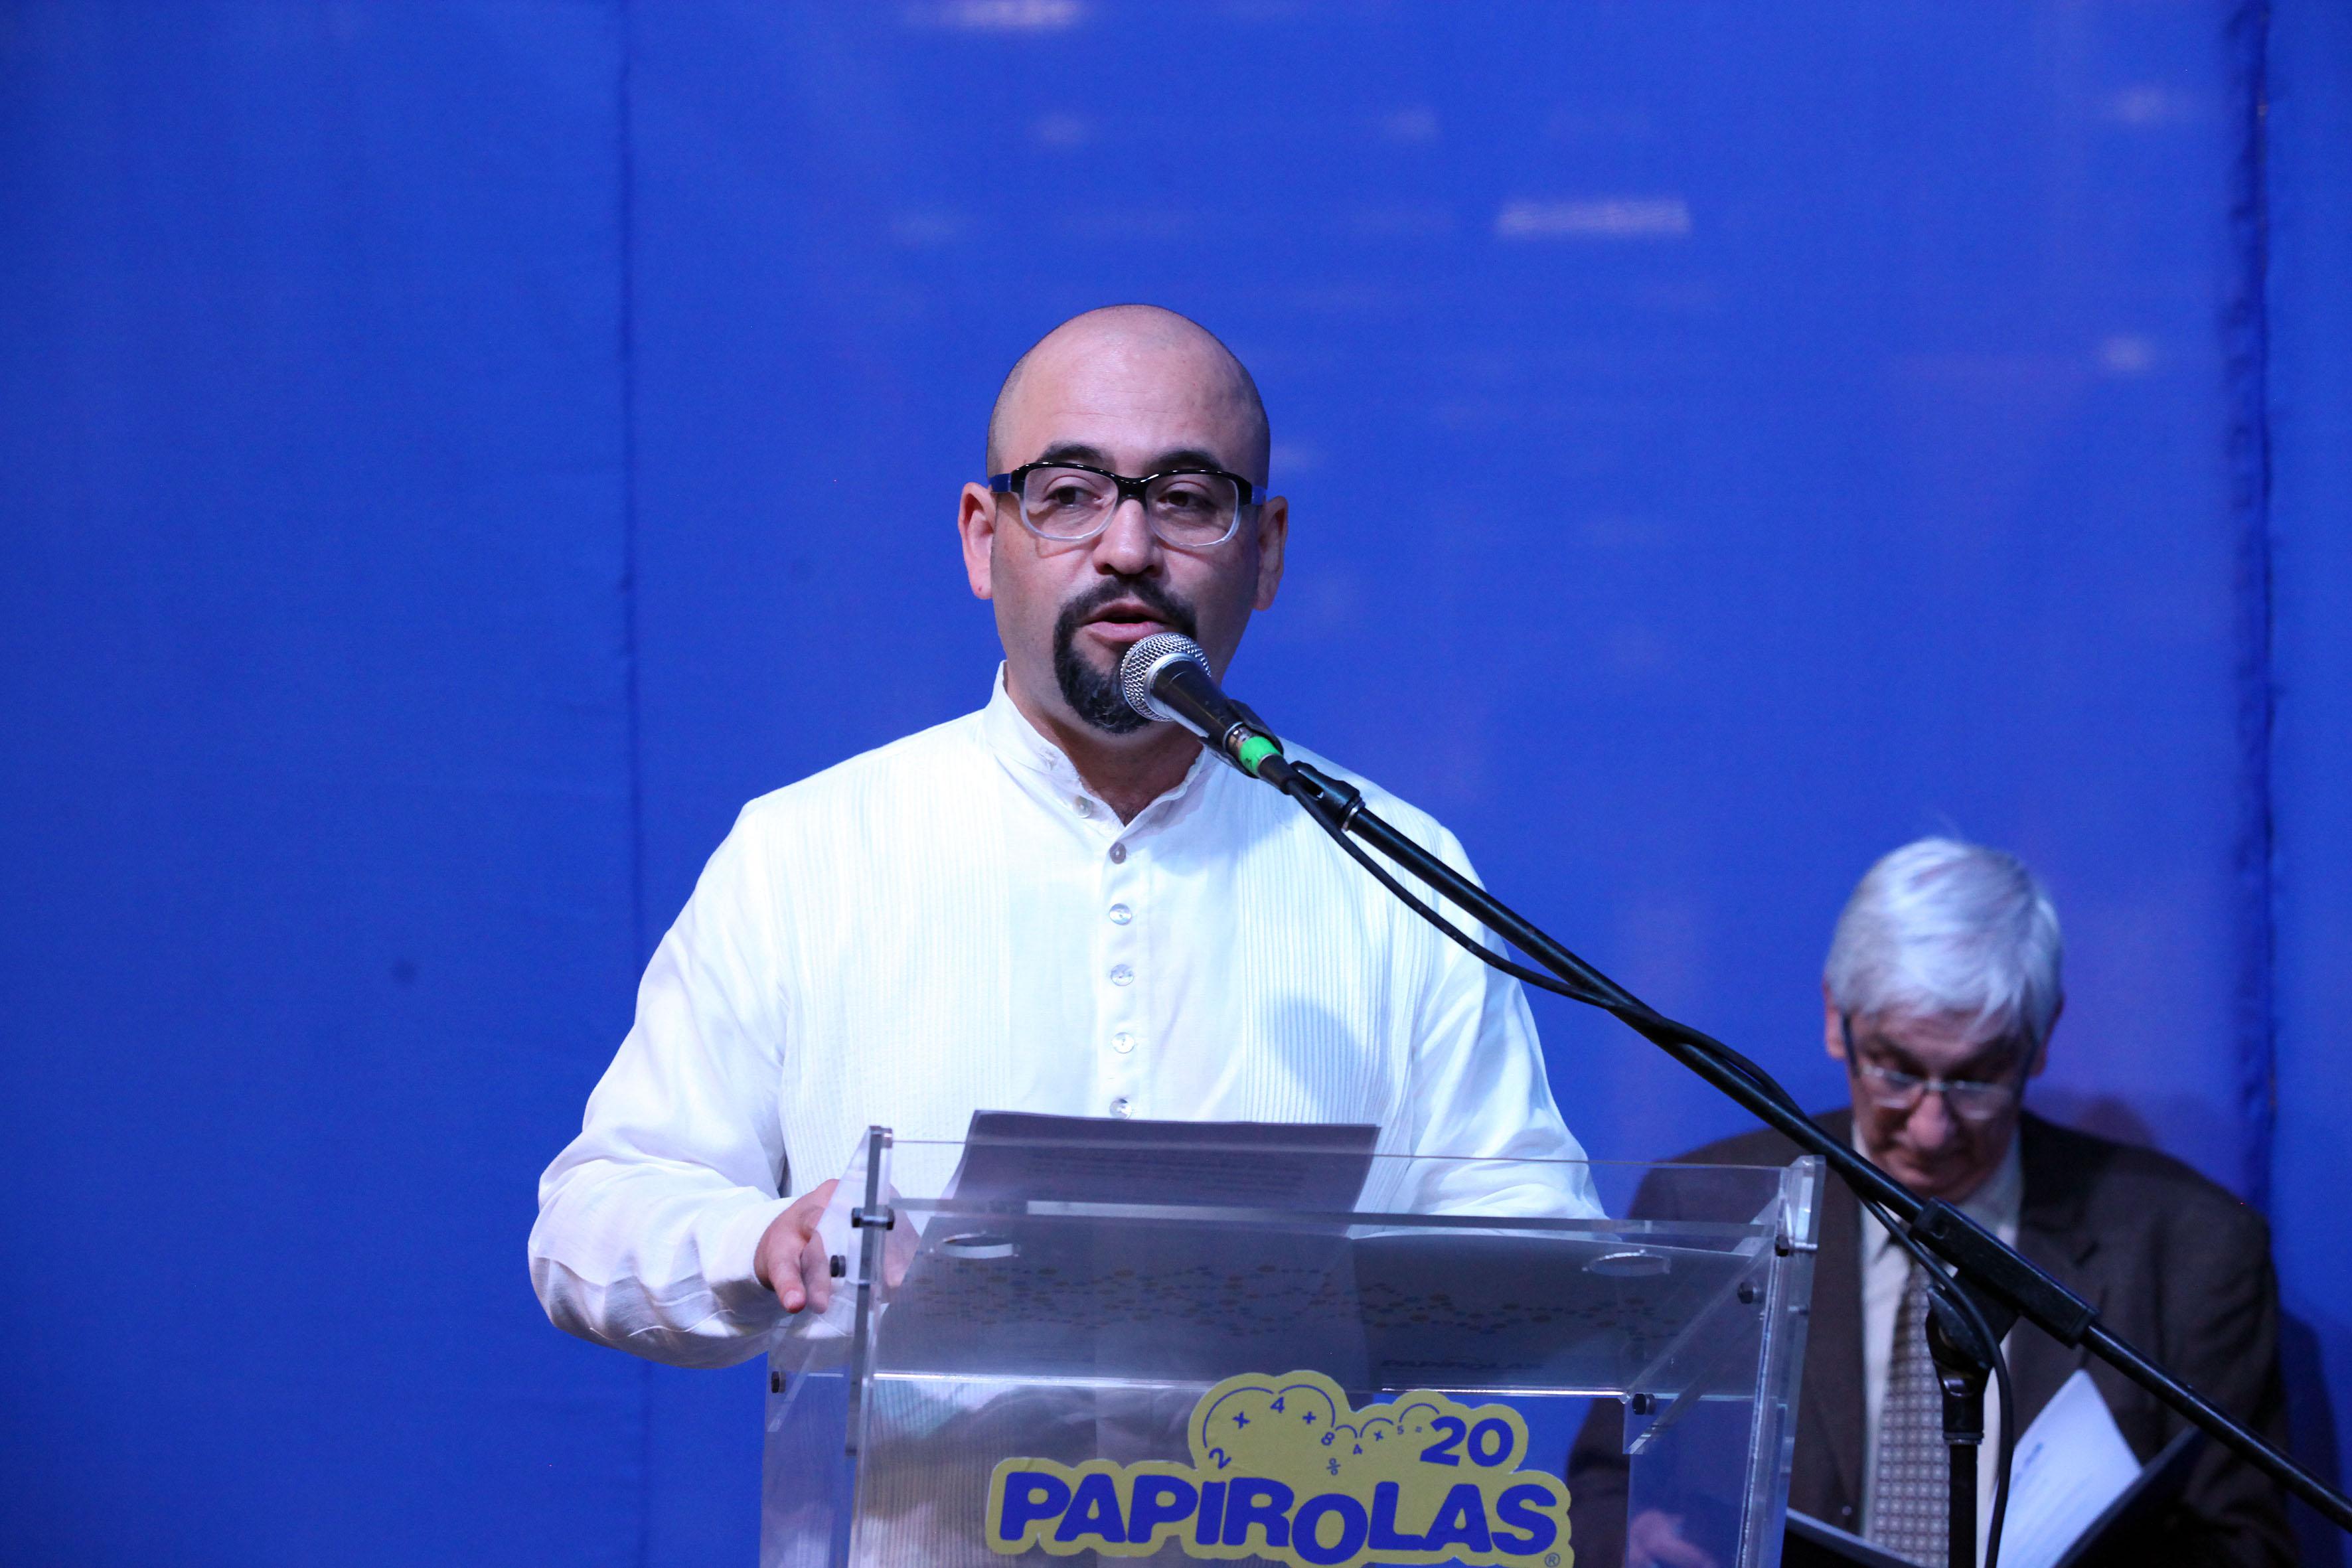 Participante en la inauguración de papirolas haciendo uso de la palabra